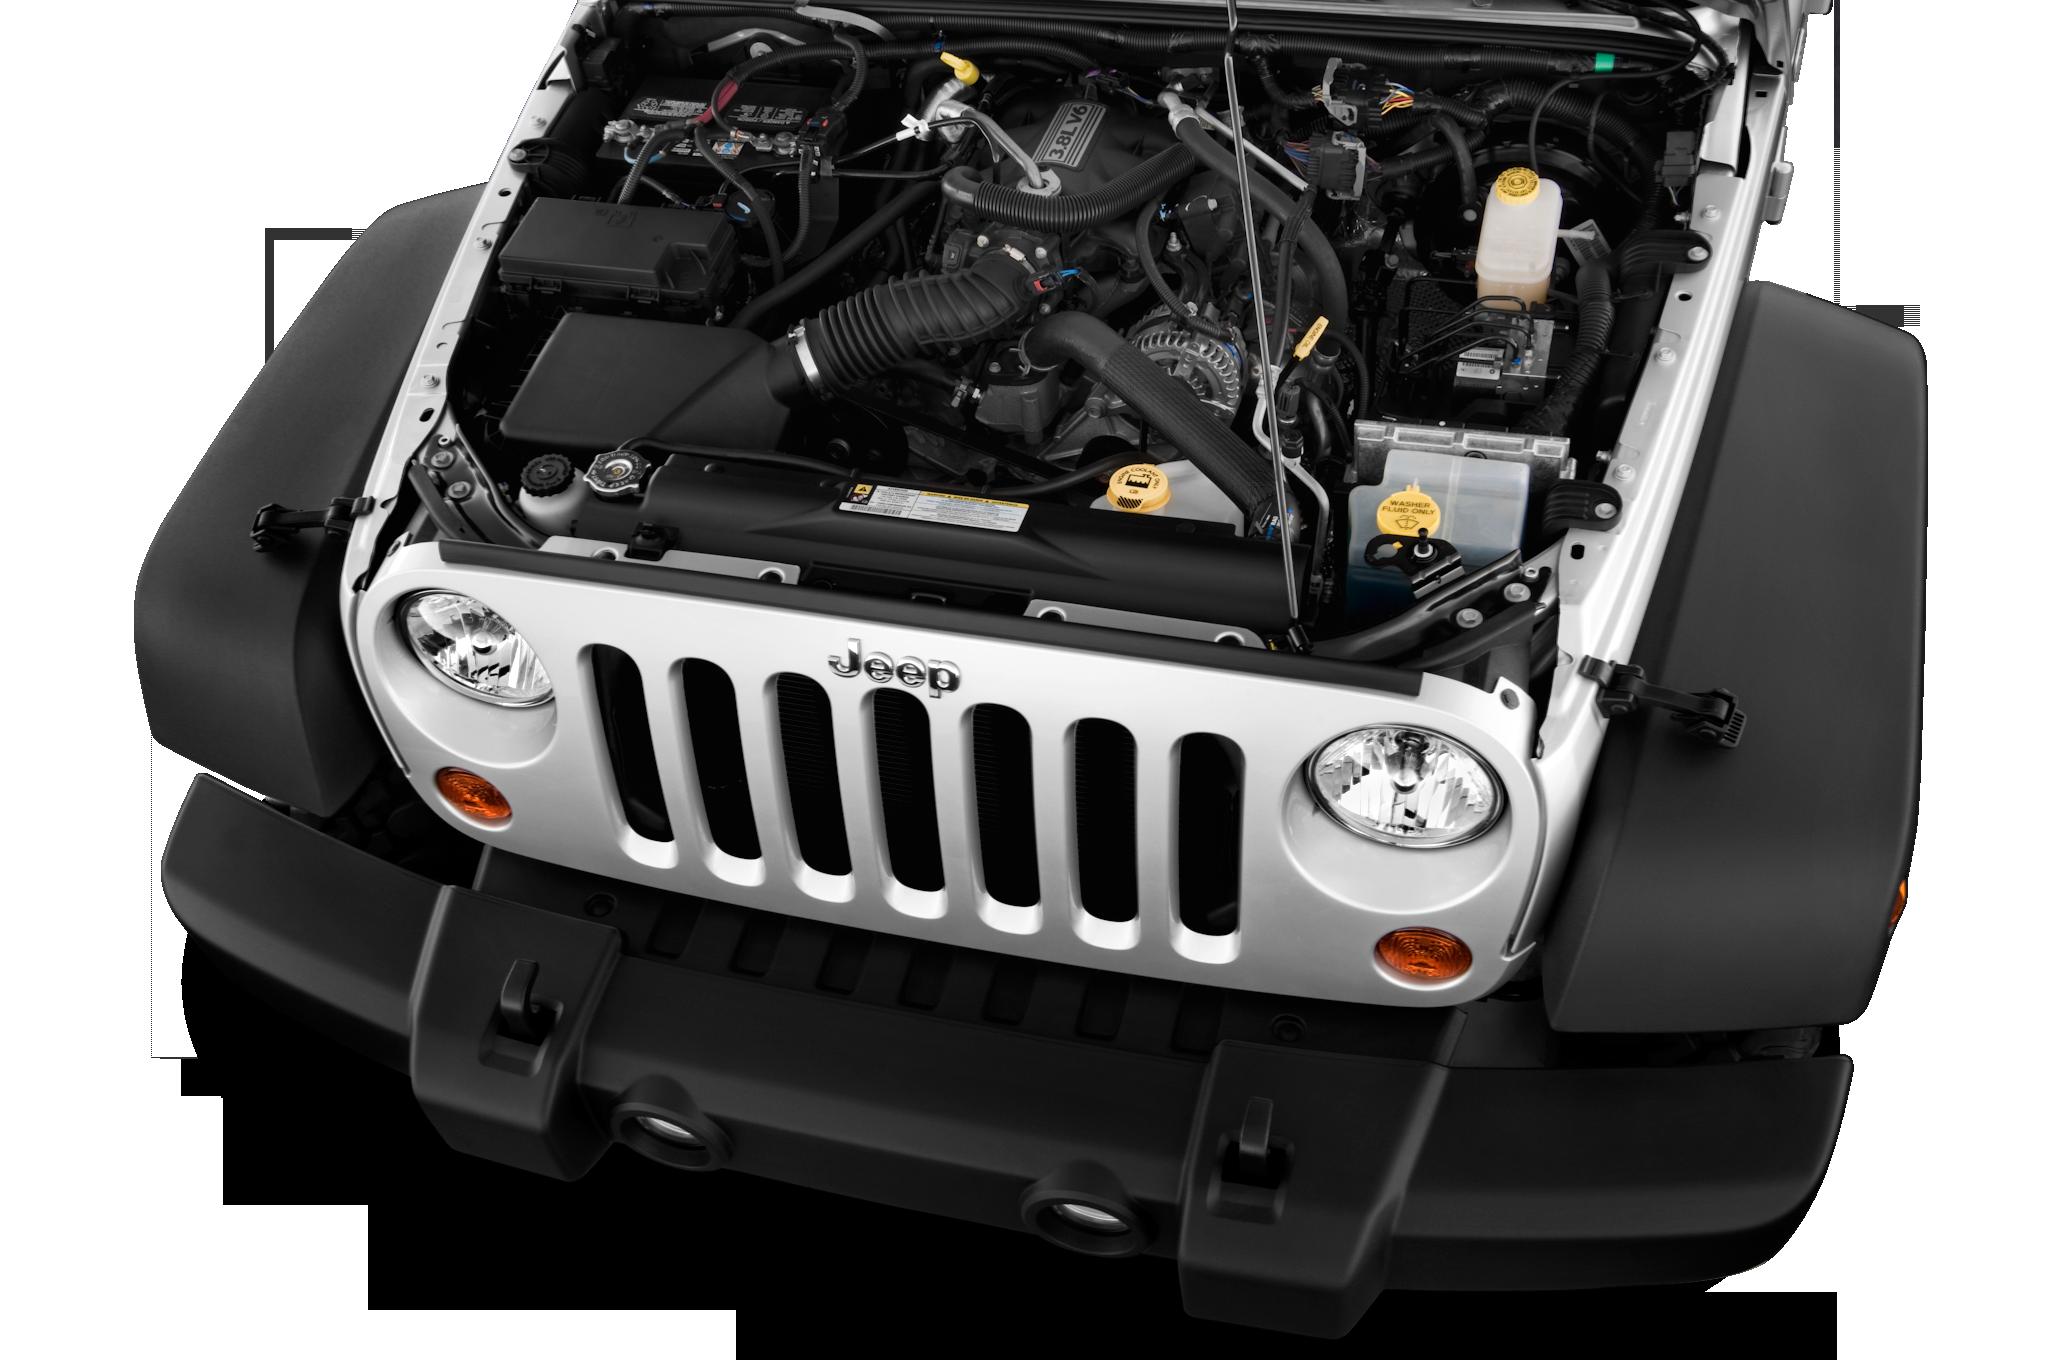 jk8 mopar 39 s new build your own jeep pickup kit. Black Bedroom Furniture Sets. Home Design Ideas